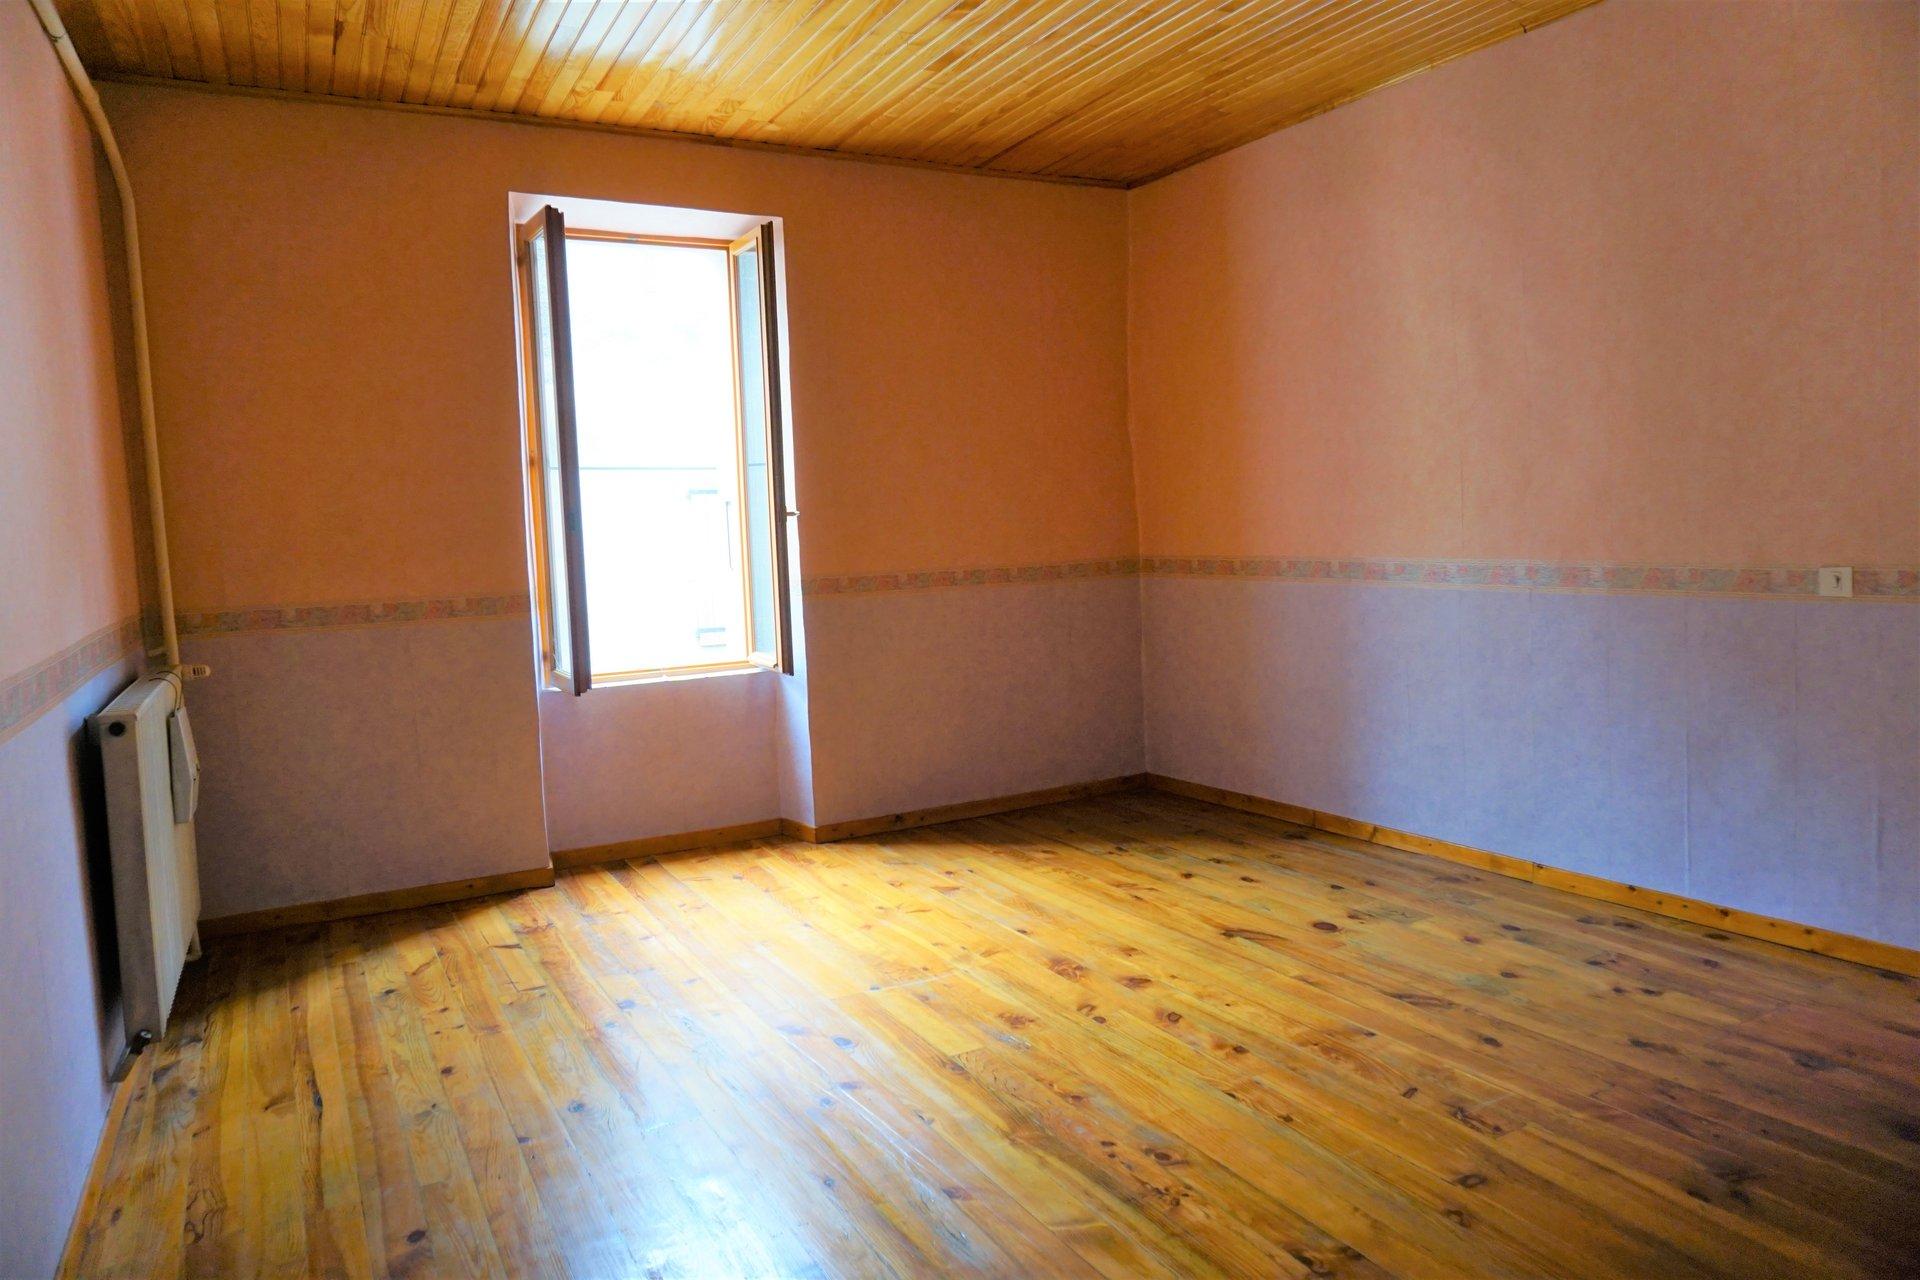 Chambre 2 avec parquet